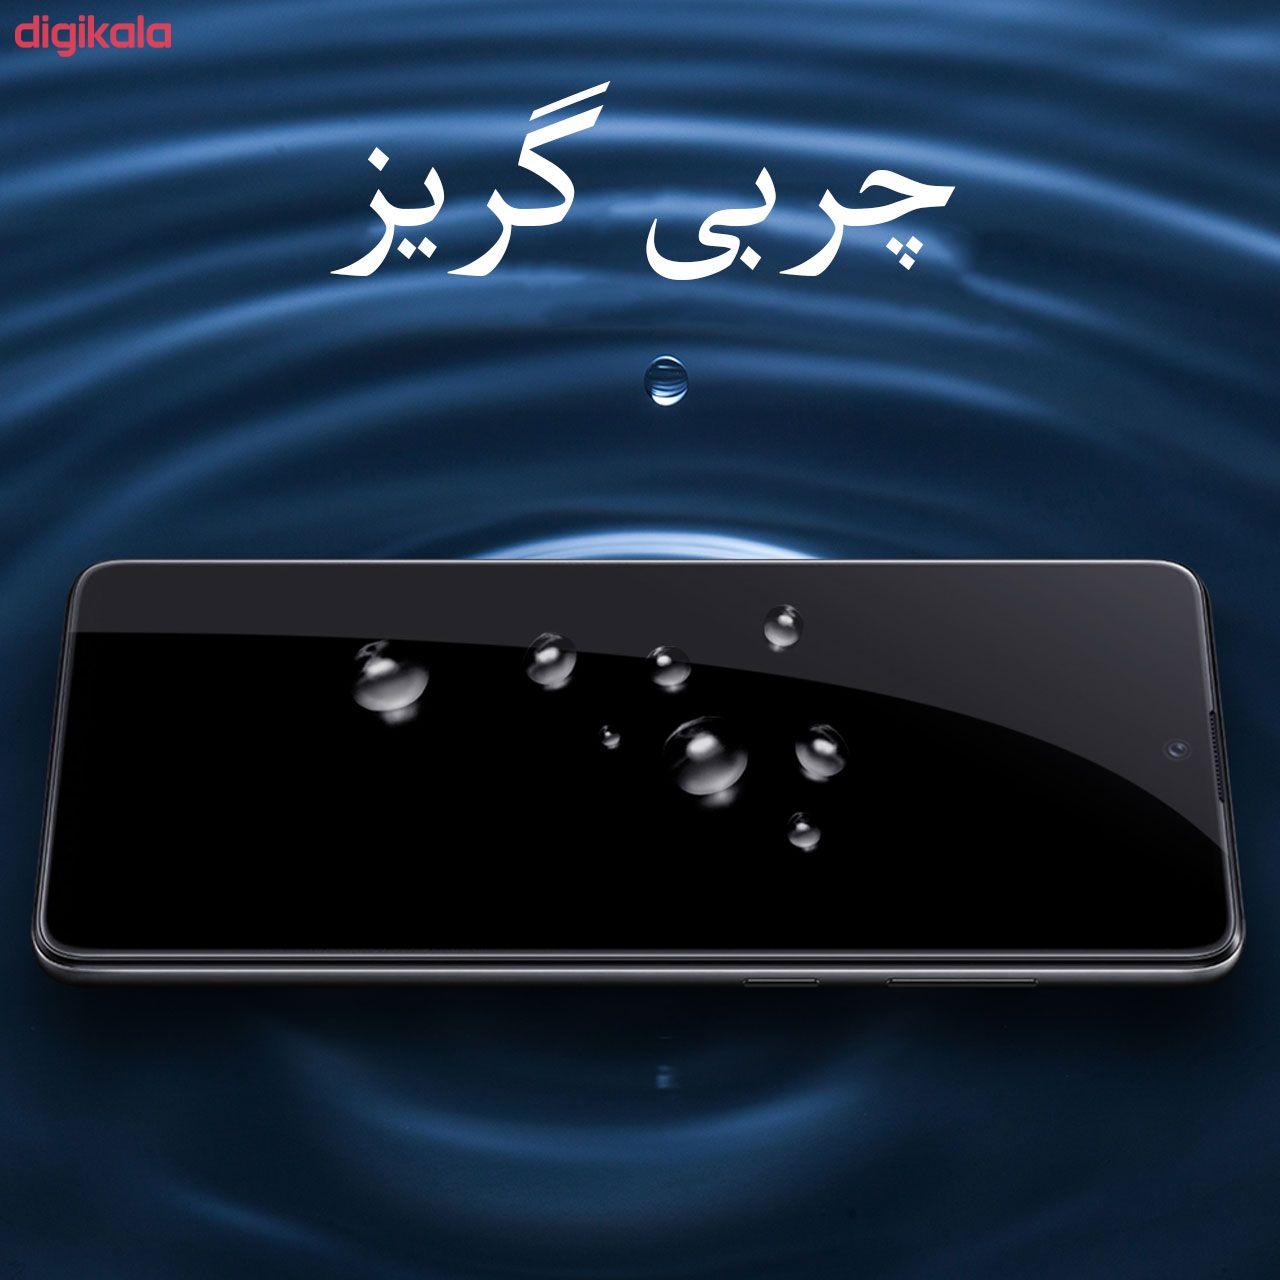 محافظ صفحه نمایش مدل FCG مناسب برای گوشی موبایل شیائومی Poco X3 NFC بسته دو عددی main 1 1